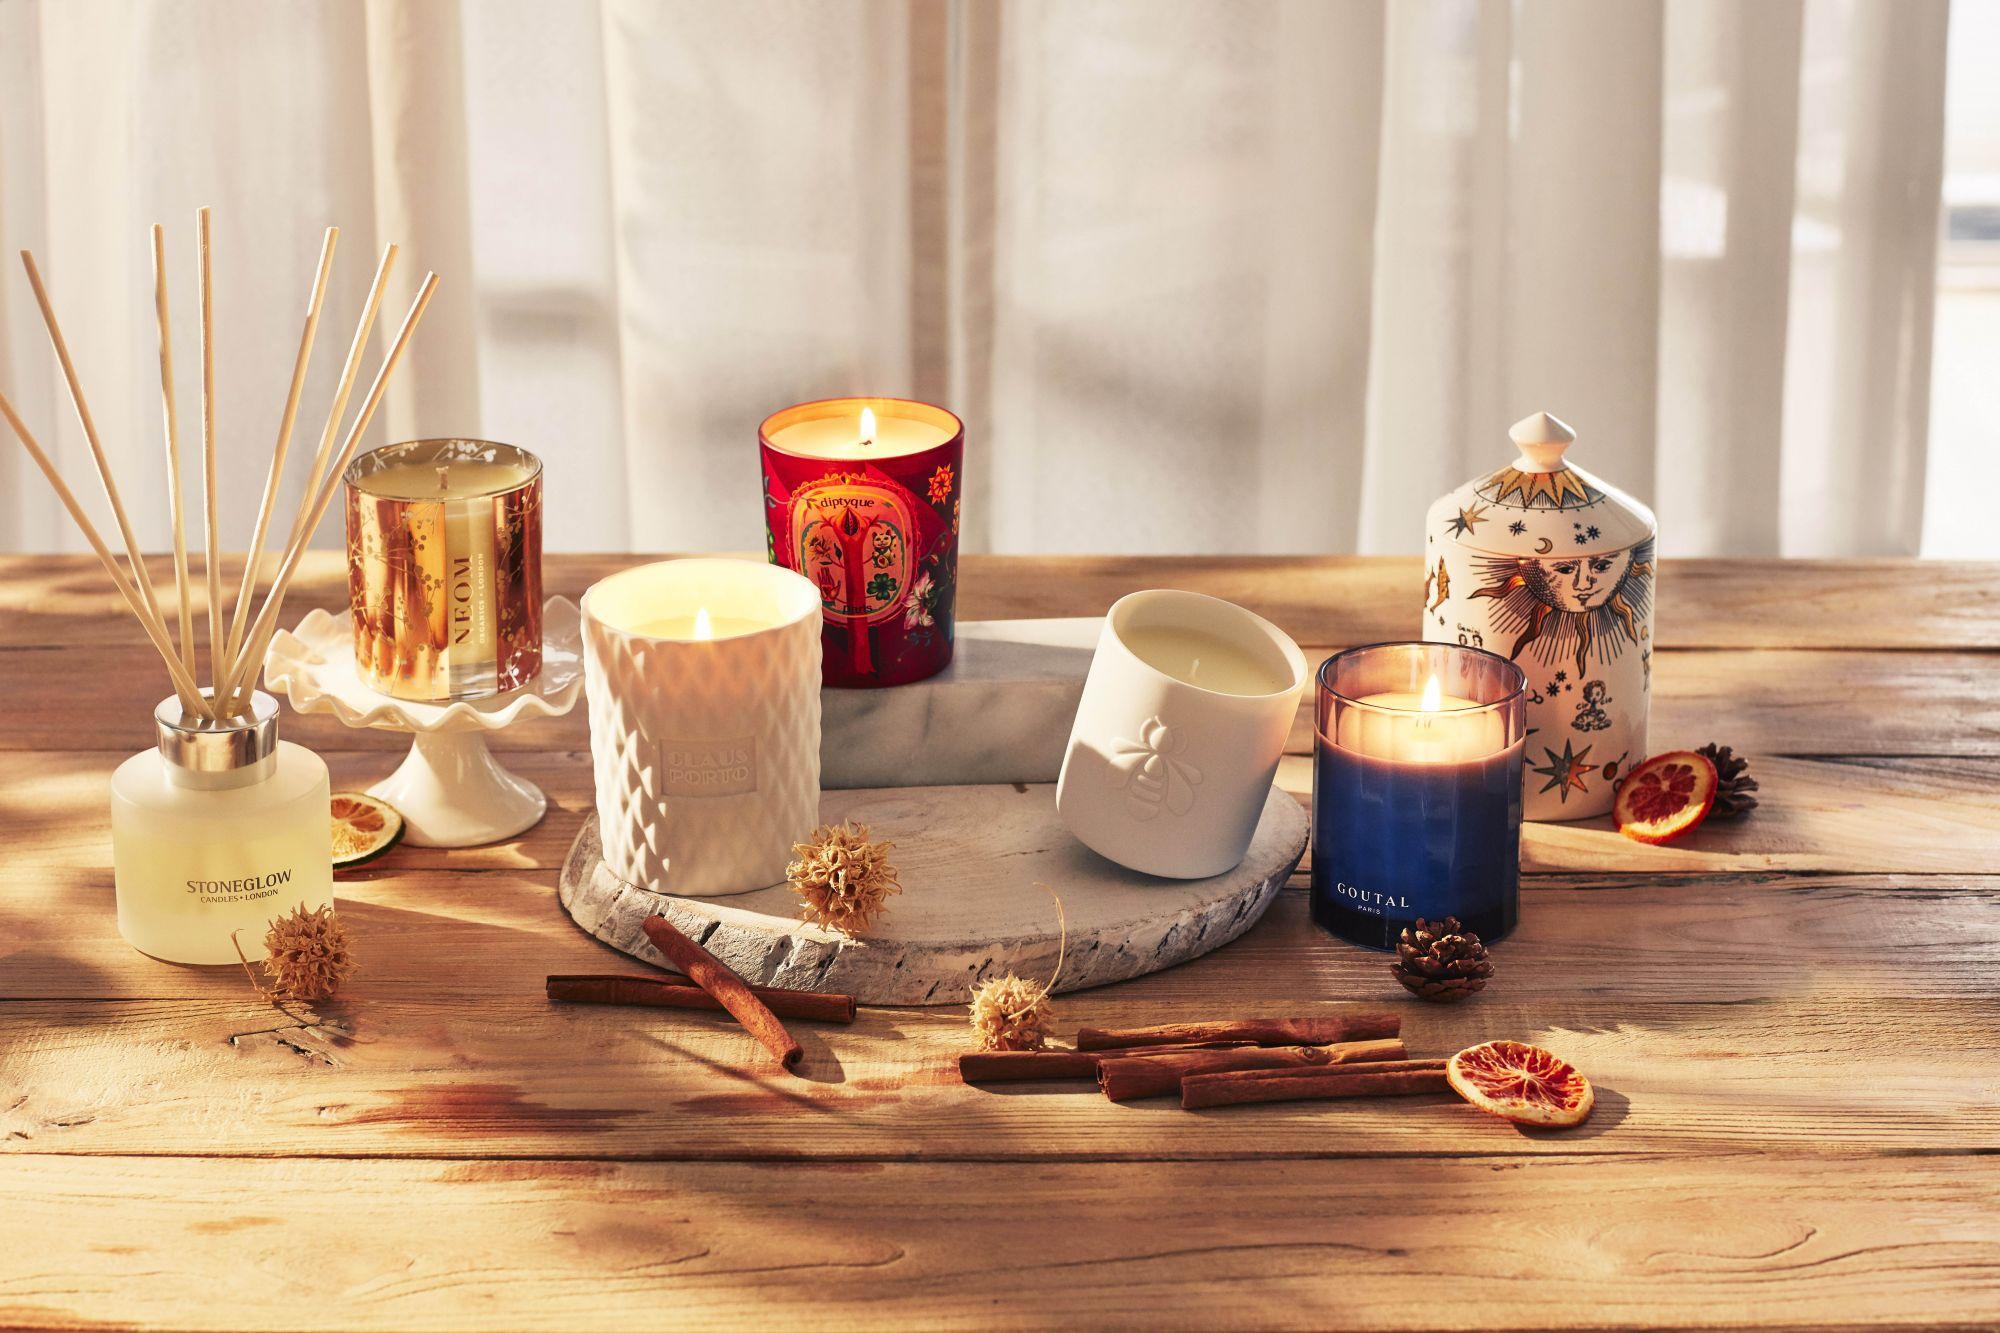 冬日靜好,待在家最是美好!7款「暖空間」居家香氛推薦